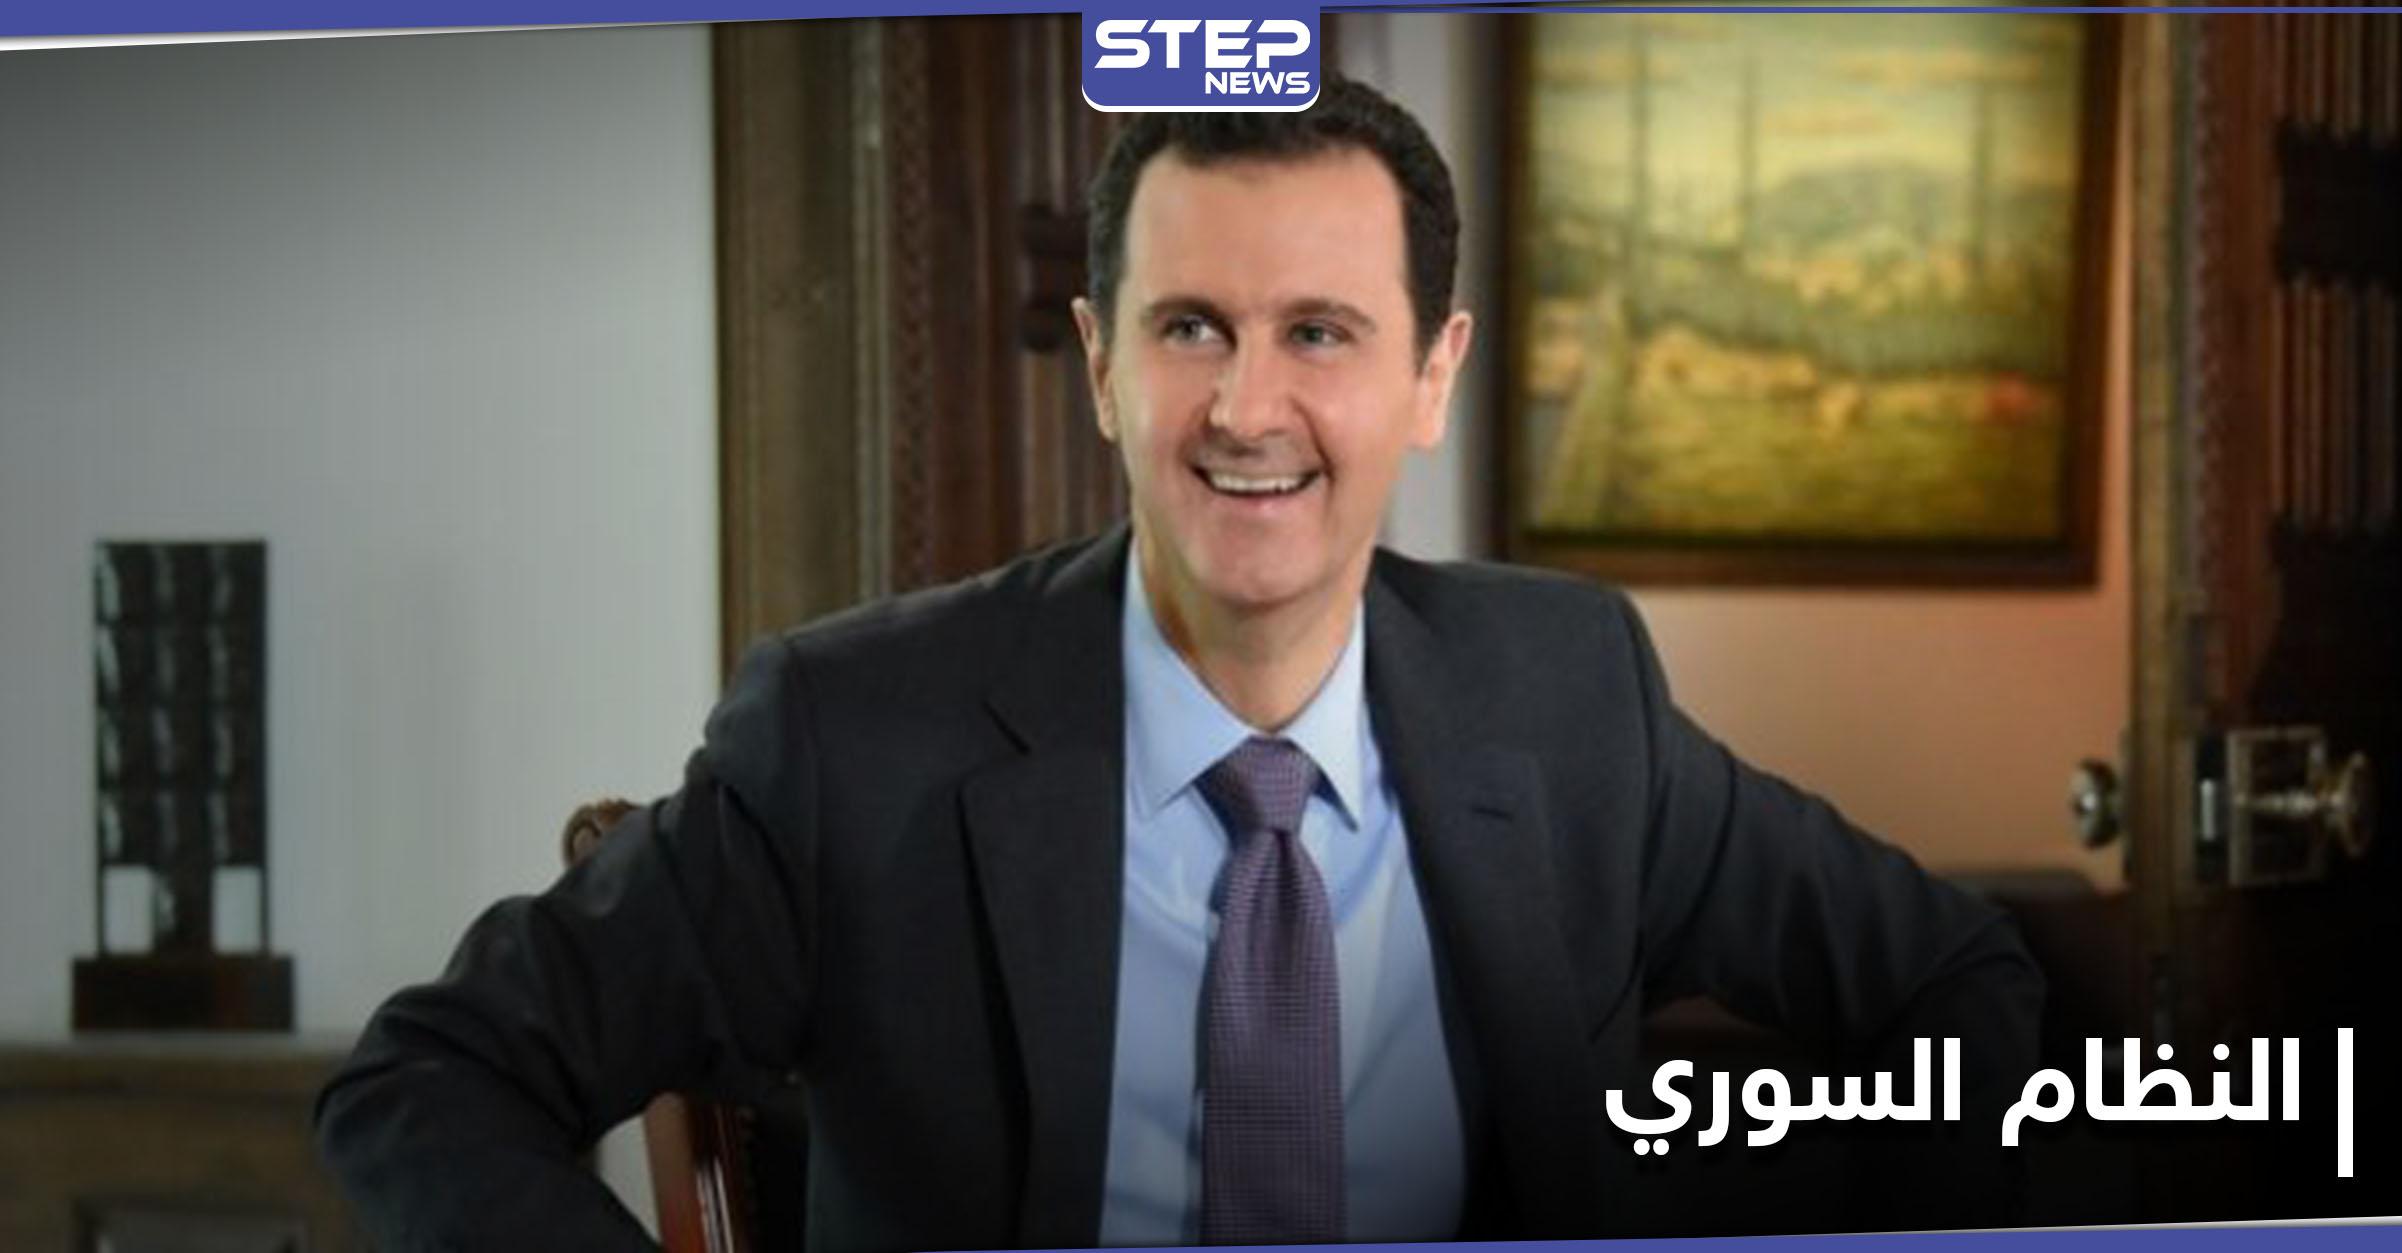 النظام السوري ينوي مقاضاة وزراء دفاع أمريكا وفرنسا وبريطانيا